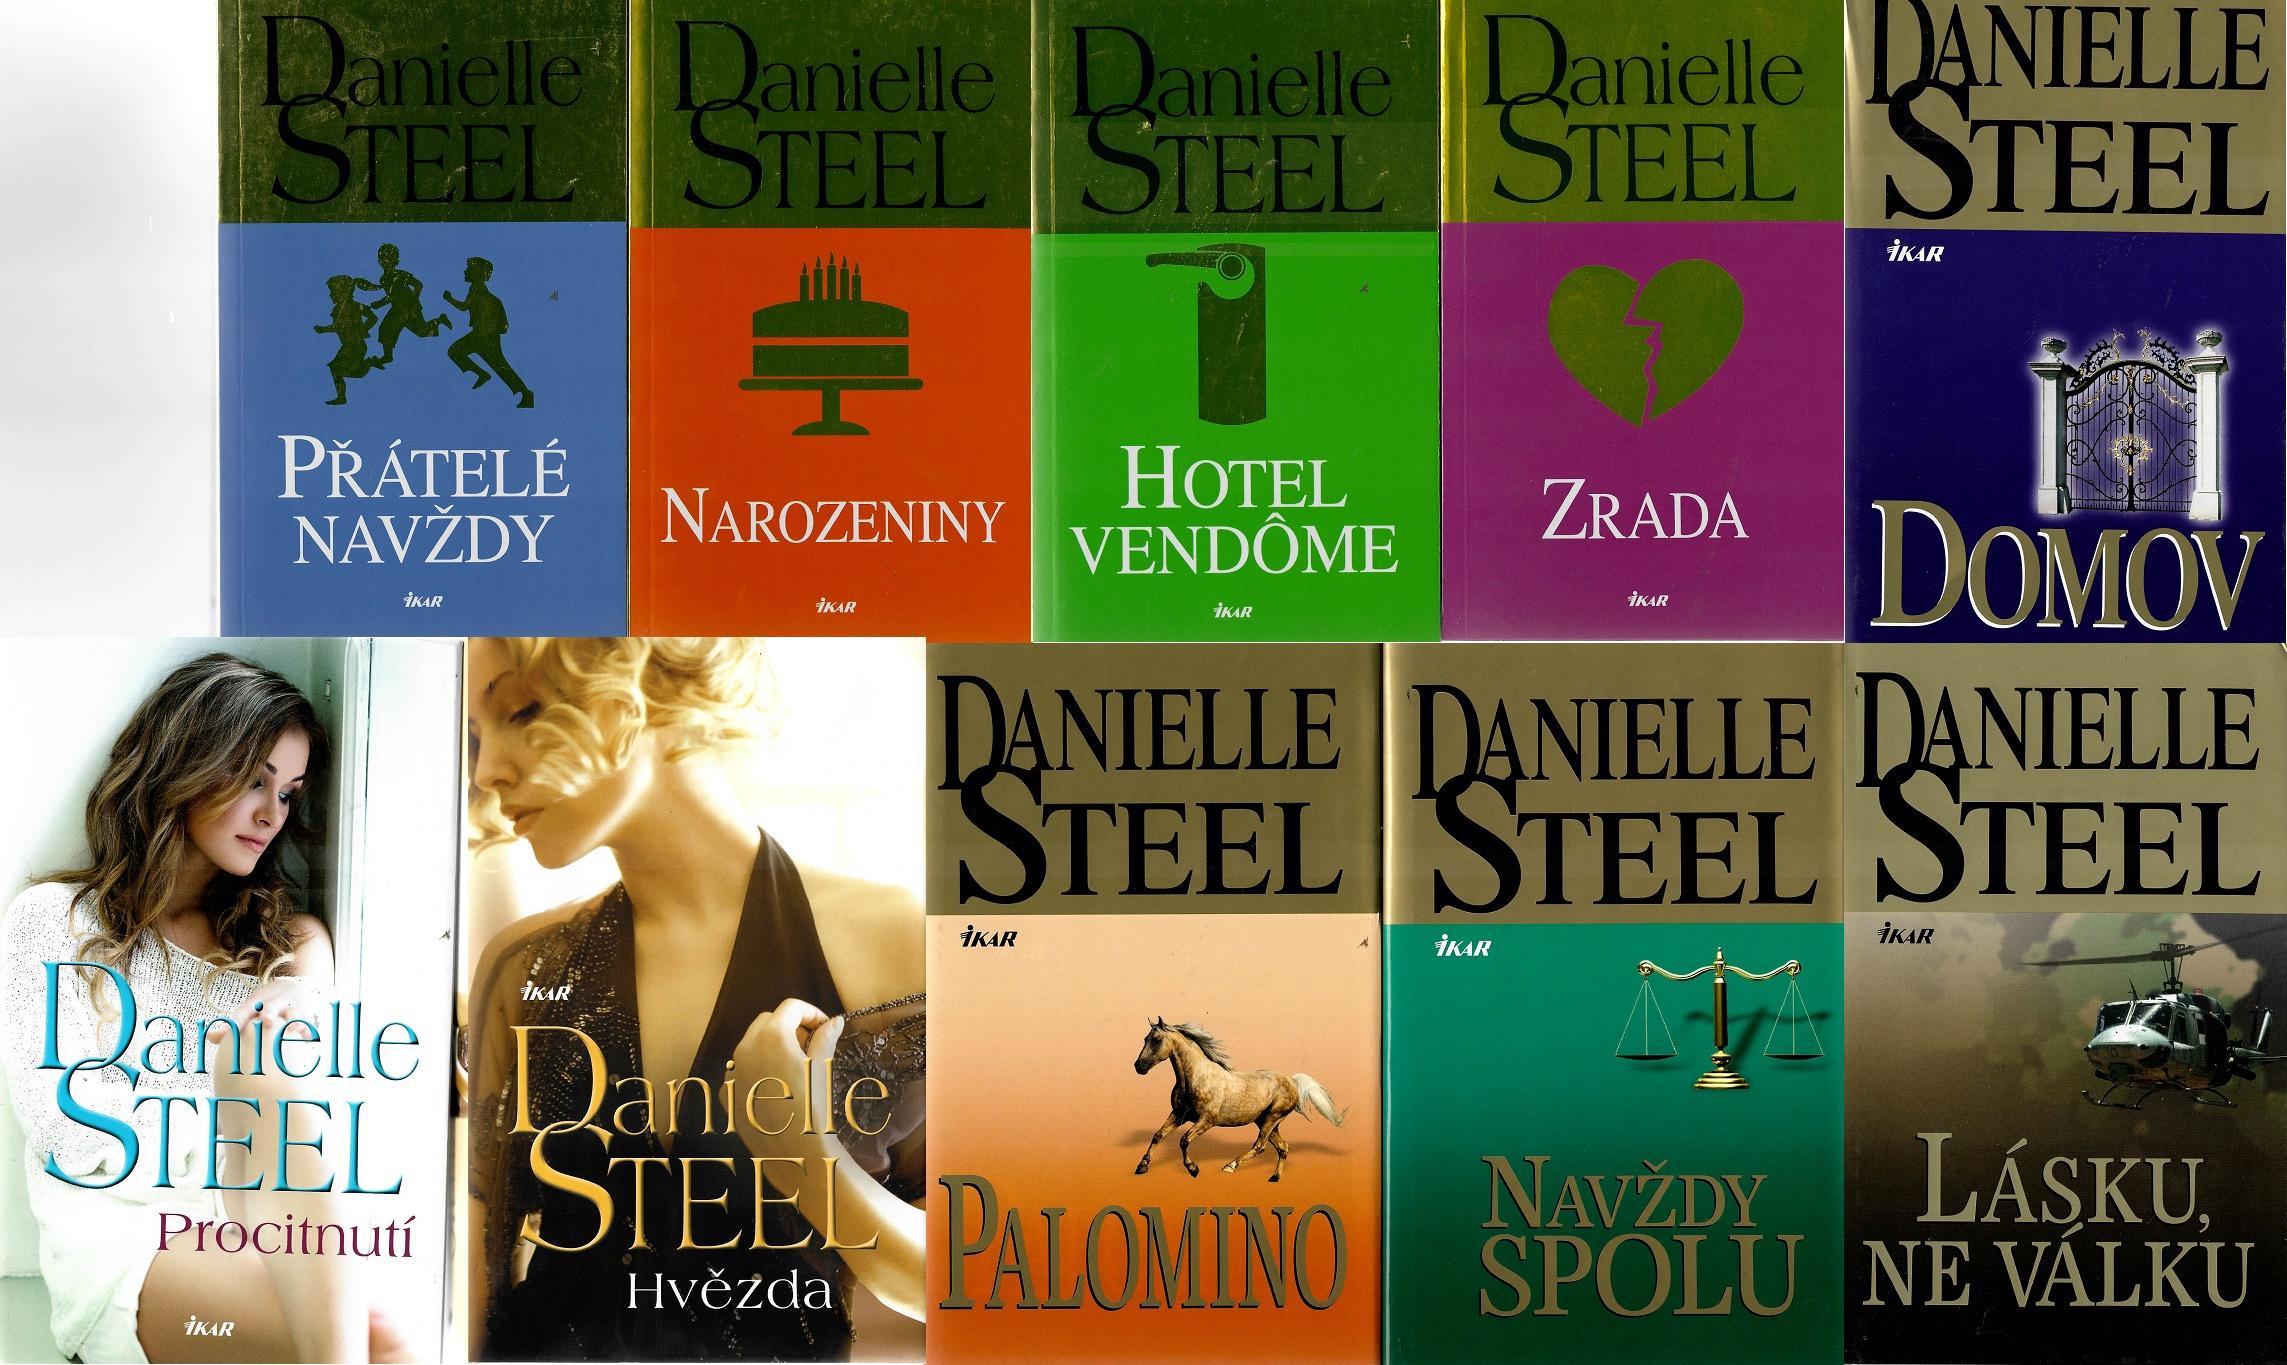 Kolekce knih Danielle Steel 1. - 10x